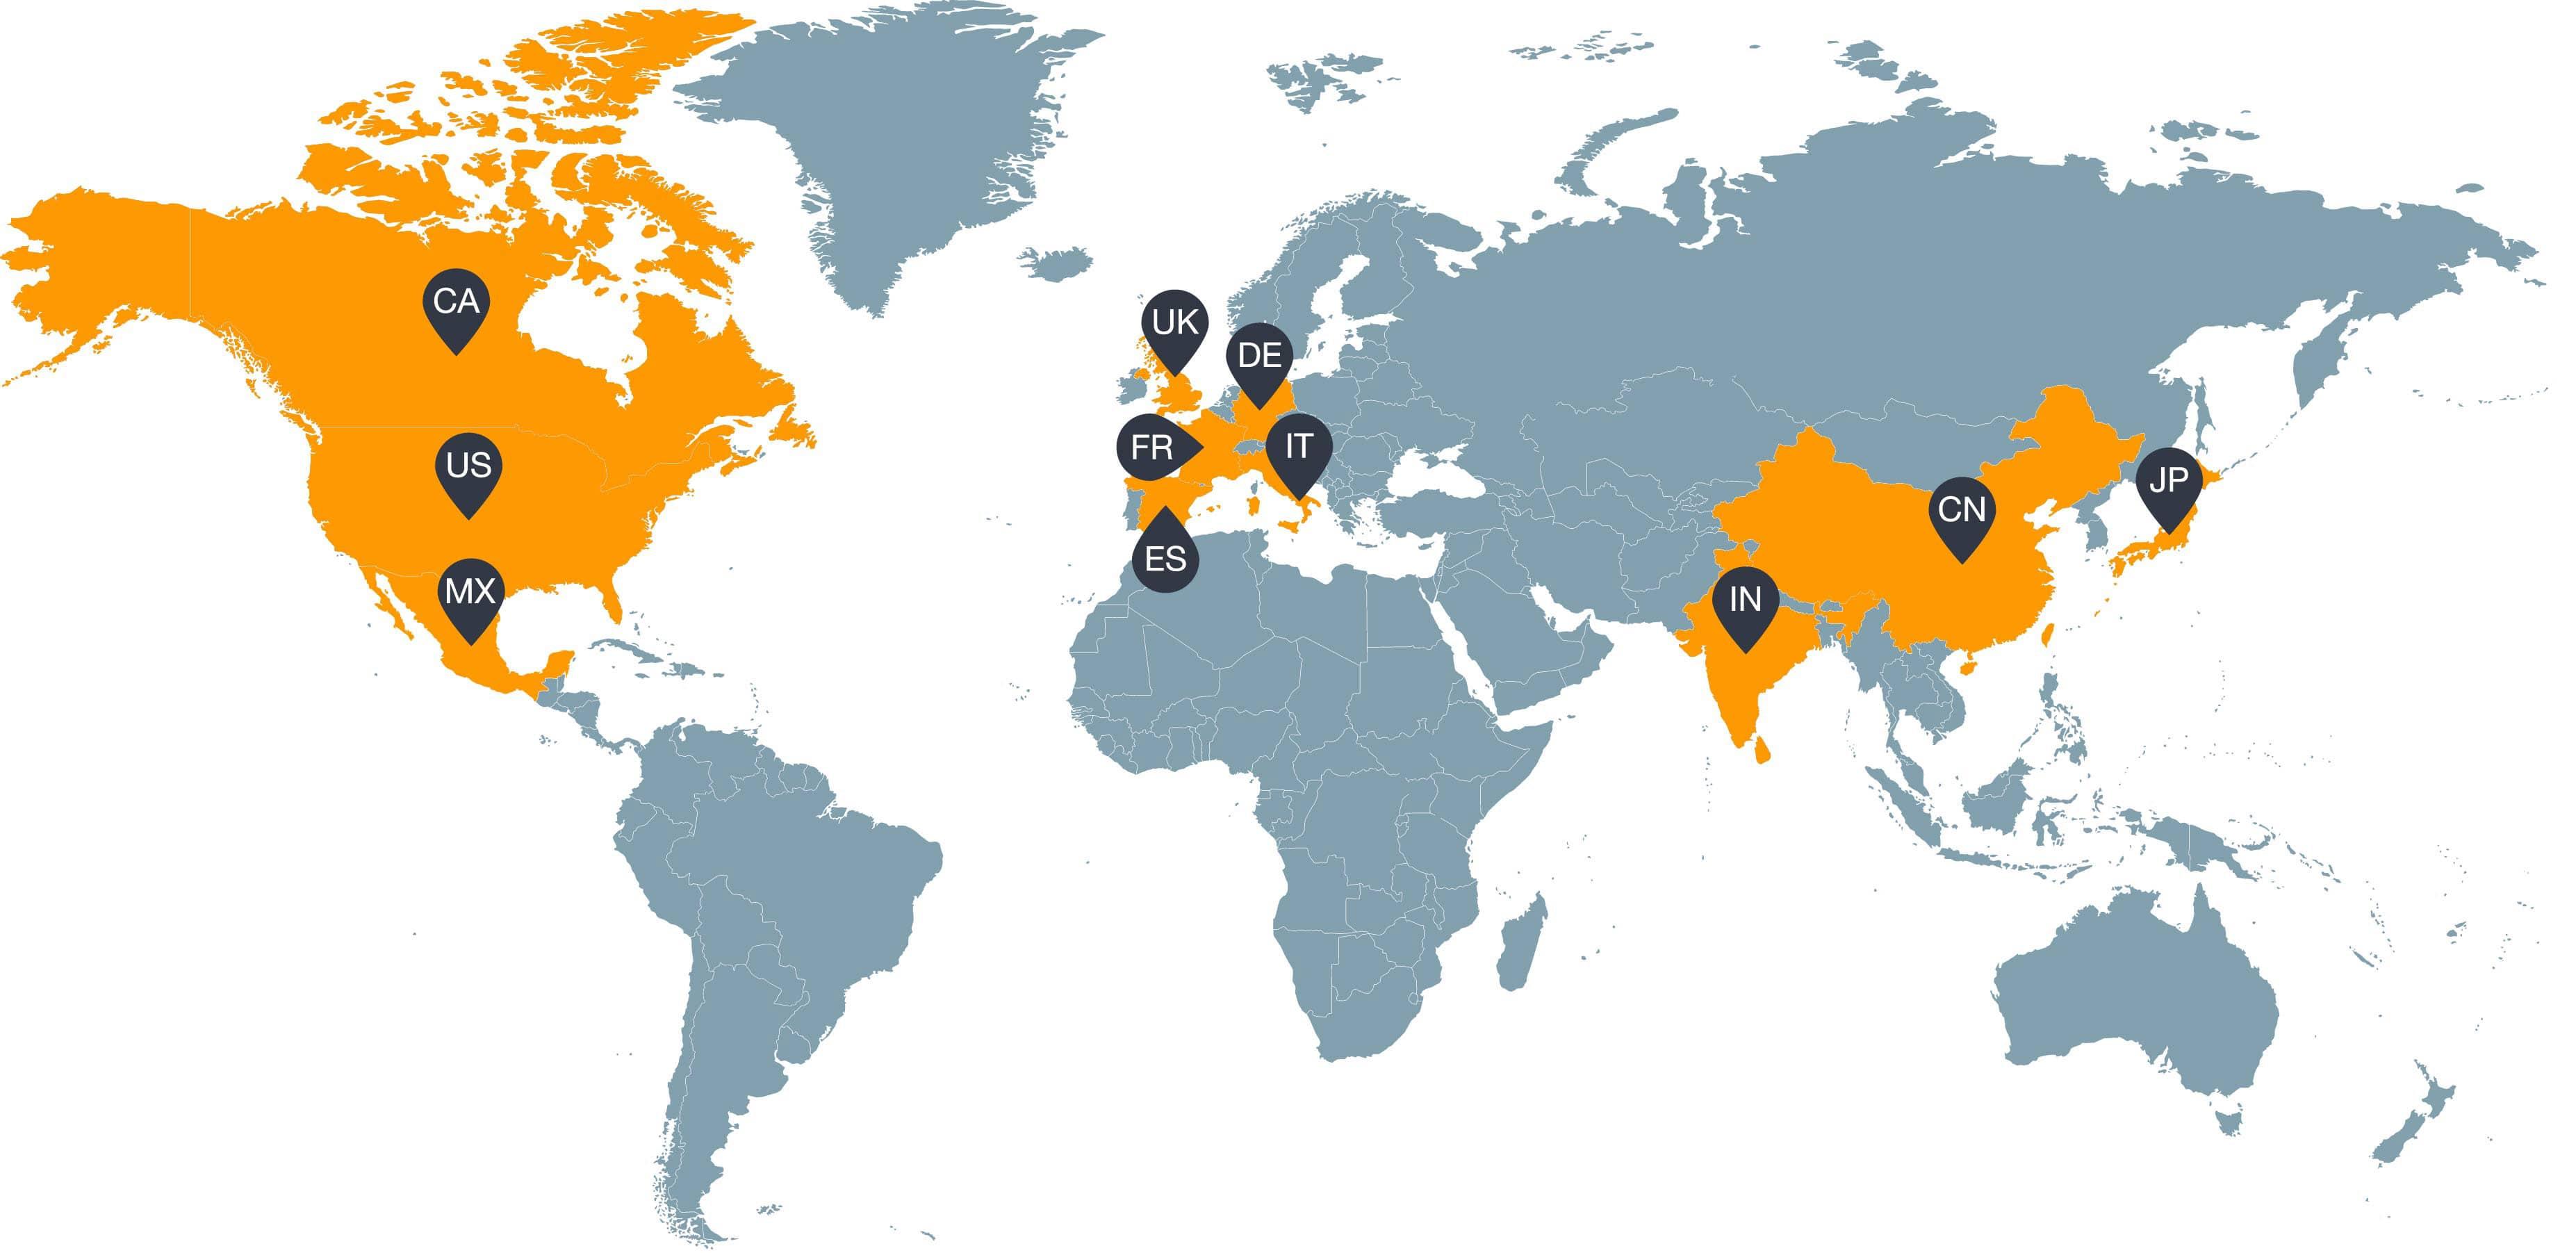 مکان های بیزنس آمازون در دنیا